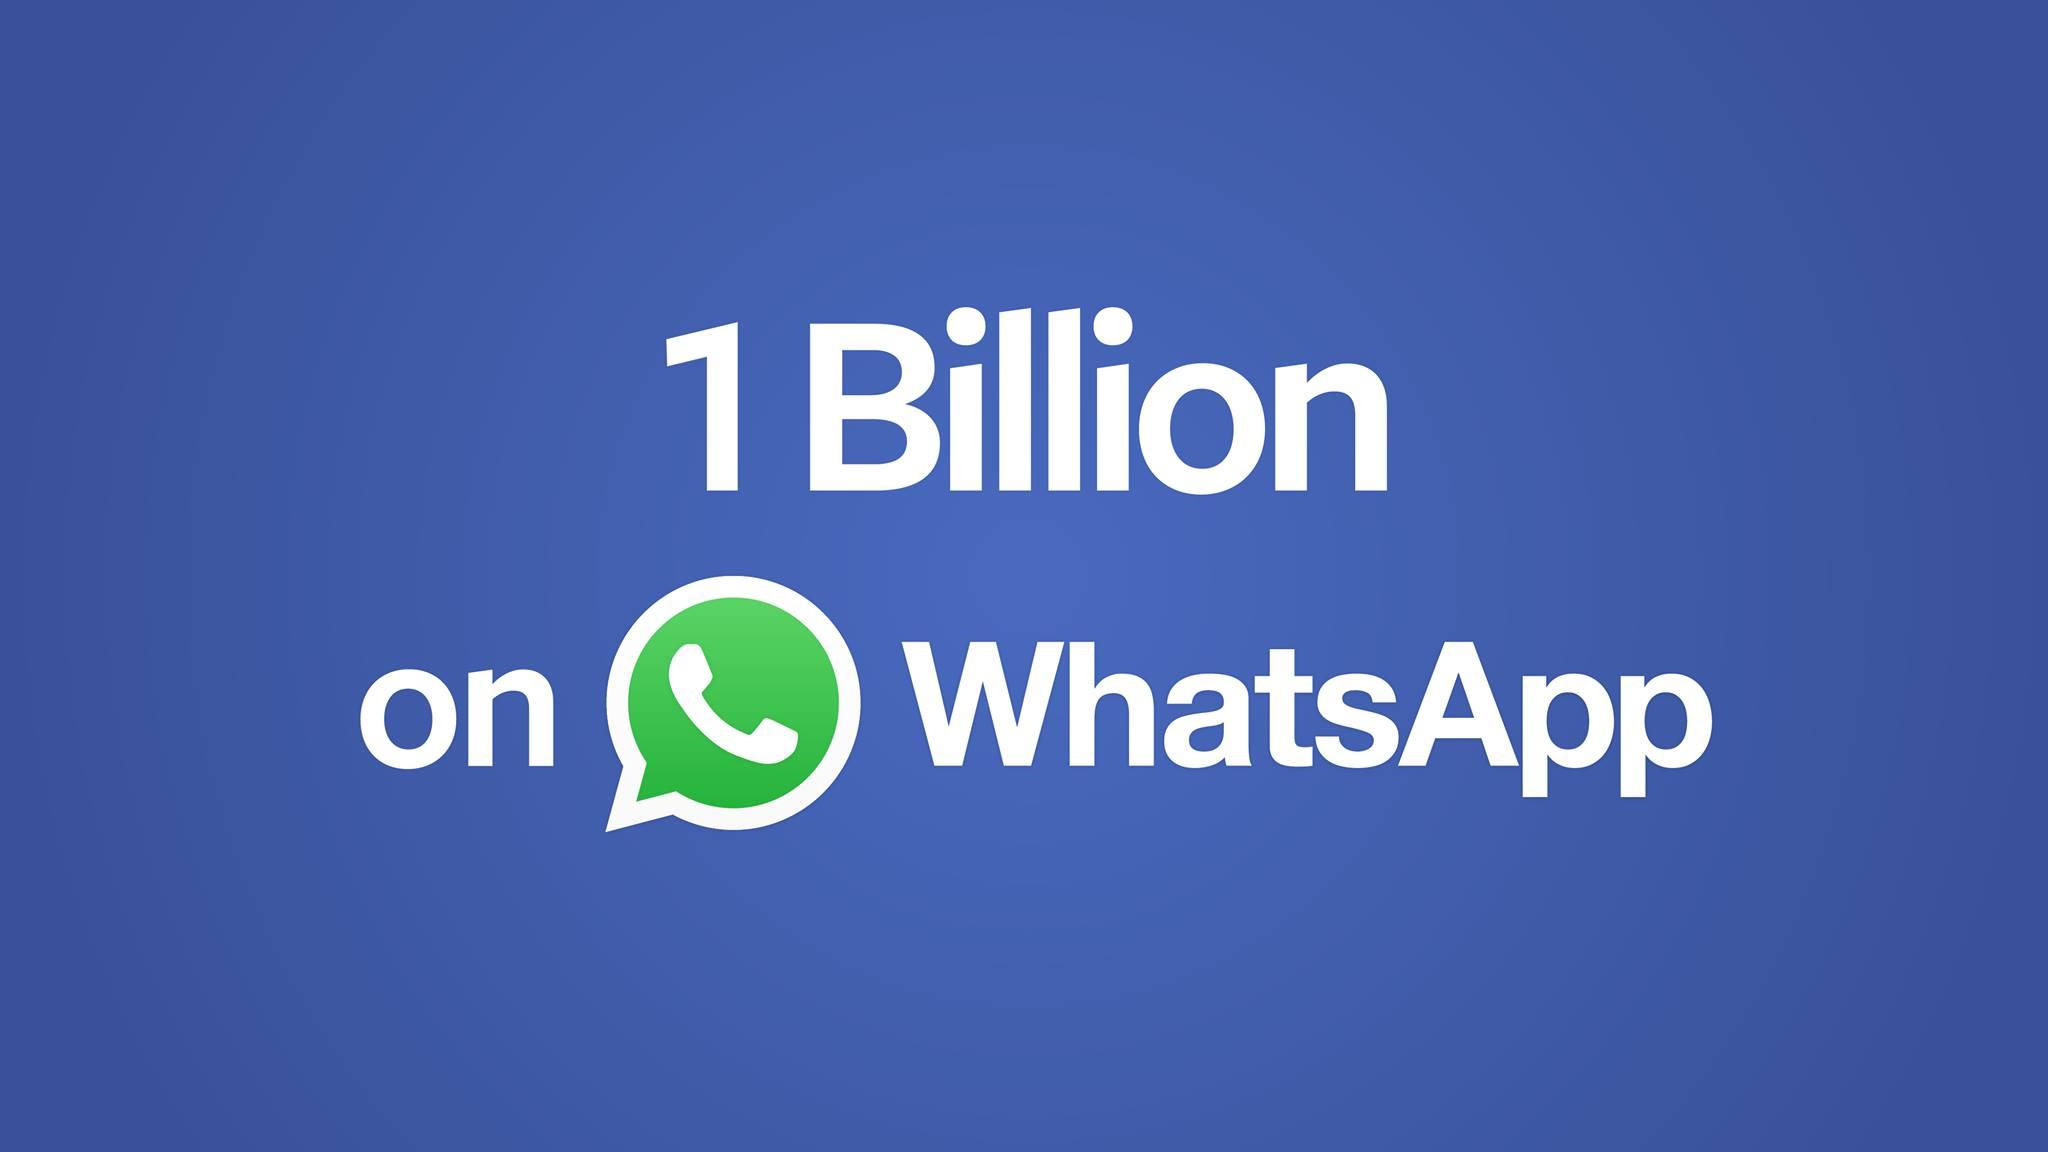 WhatsApp-ի օգտատերերի քանակը միլիարդից ավել է